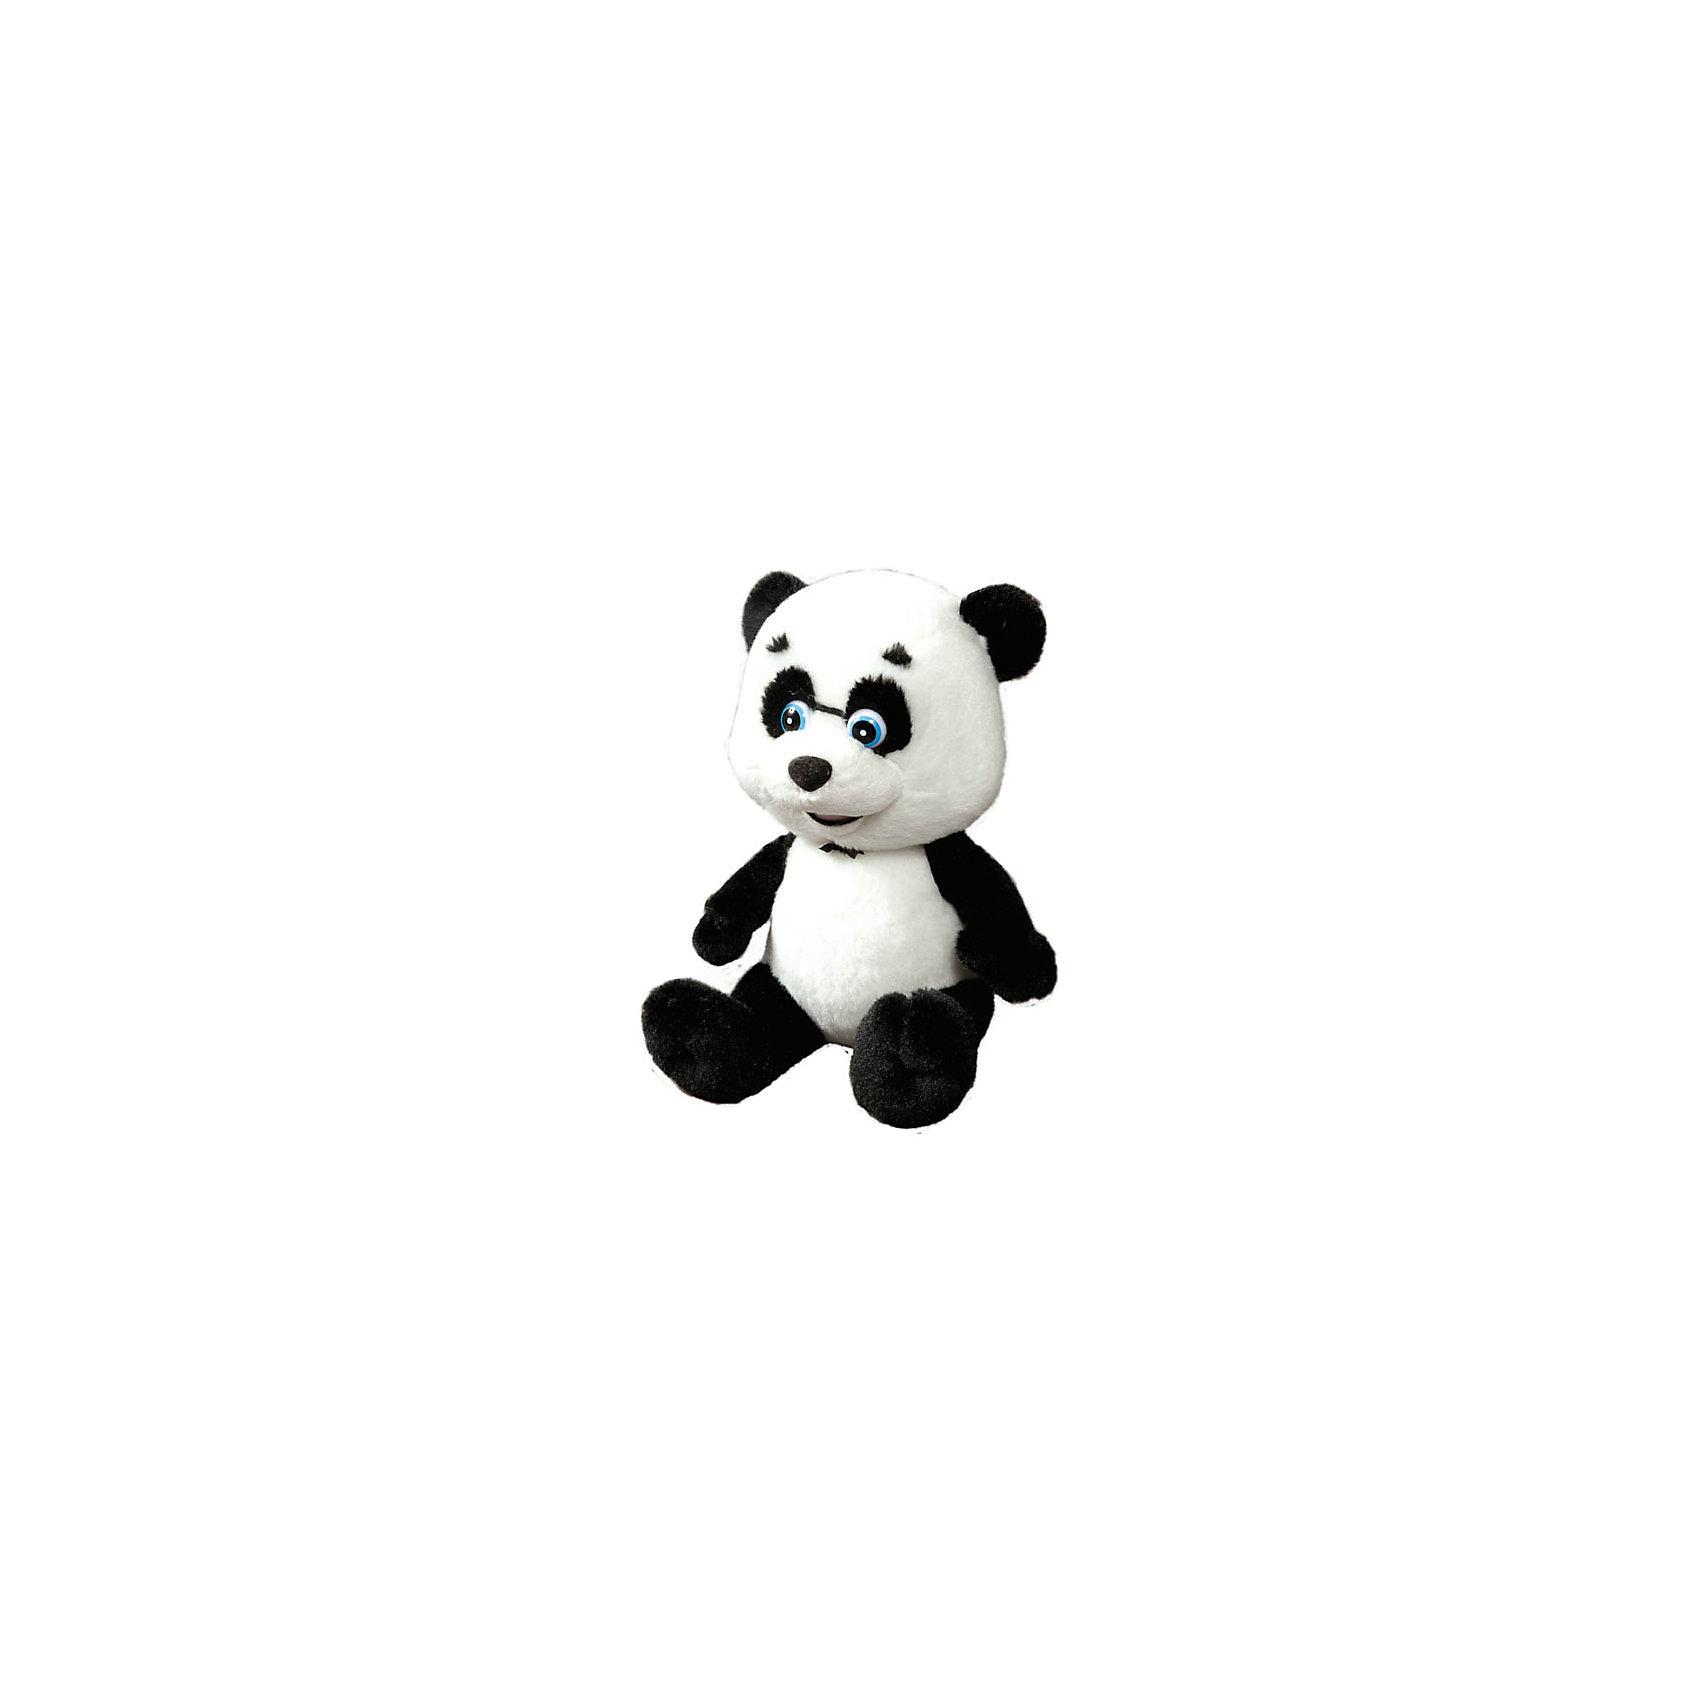 Мягкая игрушка Панда, 23см, со звуком, Маша и Медведь, МУЛЬТИ-ПУЛЬТИТакой очаровательный музыкальный мишка не оставит равнодушным ни одного ребенка!<br><br>Особенности:<br>- Мишка это один из героев мультфильма Маша и медведь- Панда.<br>- Если нажать Панде на животик, то она будет петь песни из мультфильма : Солнечные зайчики и Зверя по следам любого.<br>- Внутри Панды находится мягкий гипоаллергенный наполнитель, а снаружи она покрыта приятным на ощупь плюшем с бархатистой фактурой.<br><br>Дополнительная информация:<br><br>- Возраст: от 1 года.<br>- Высота игрушки: 23 см.<br>- Работает на батарейках.<br>- Материал: плюш, наполнитель.<br>- Размер упаковки: 15х25х40 см.<br>- Вес в упаковке: 330 г.<br><br>Купить мягкую игрушку Панда из мультфильма Маша и медведь можно в нашем магазине.<br><br>Ширина мм: 150<br>Глубина мм: 400<br>Высота мм: 250<br>Вес г: 330<br>Возраст от месяцев: 12<br>Возраст до месяцев: 60<br>Пол: Унисекс<br>Возраст: Детский<br>SKU: 4891773